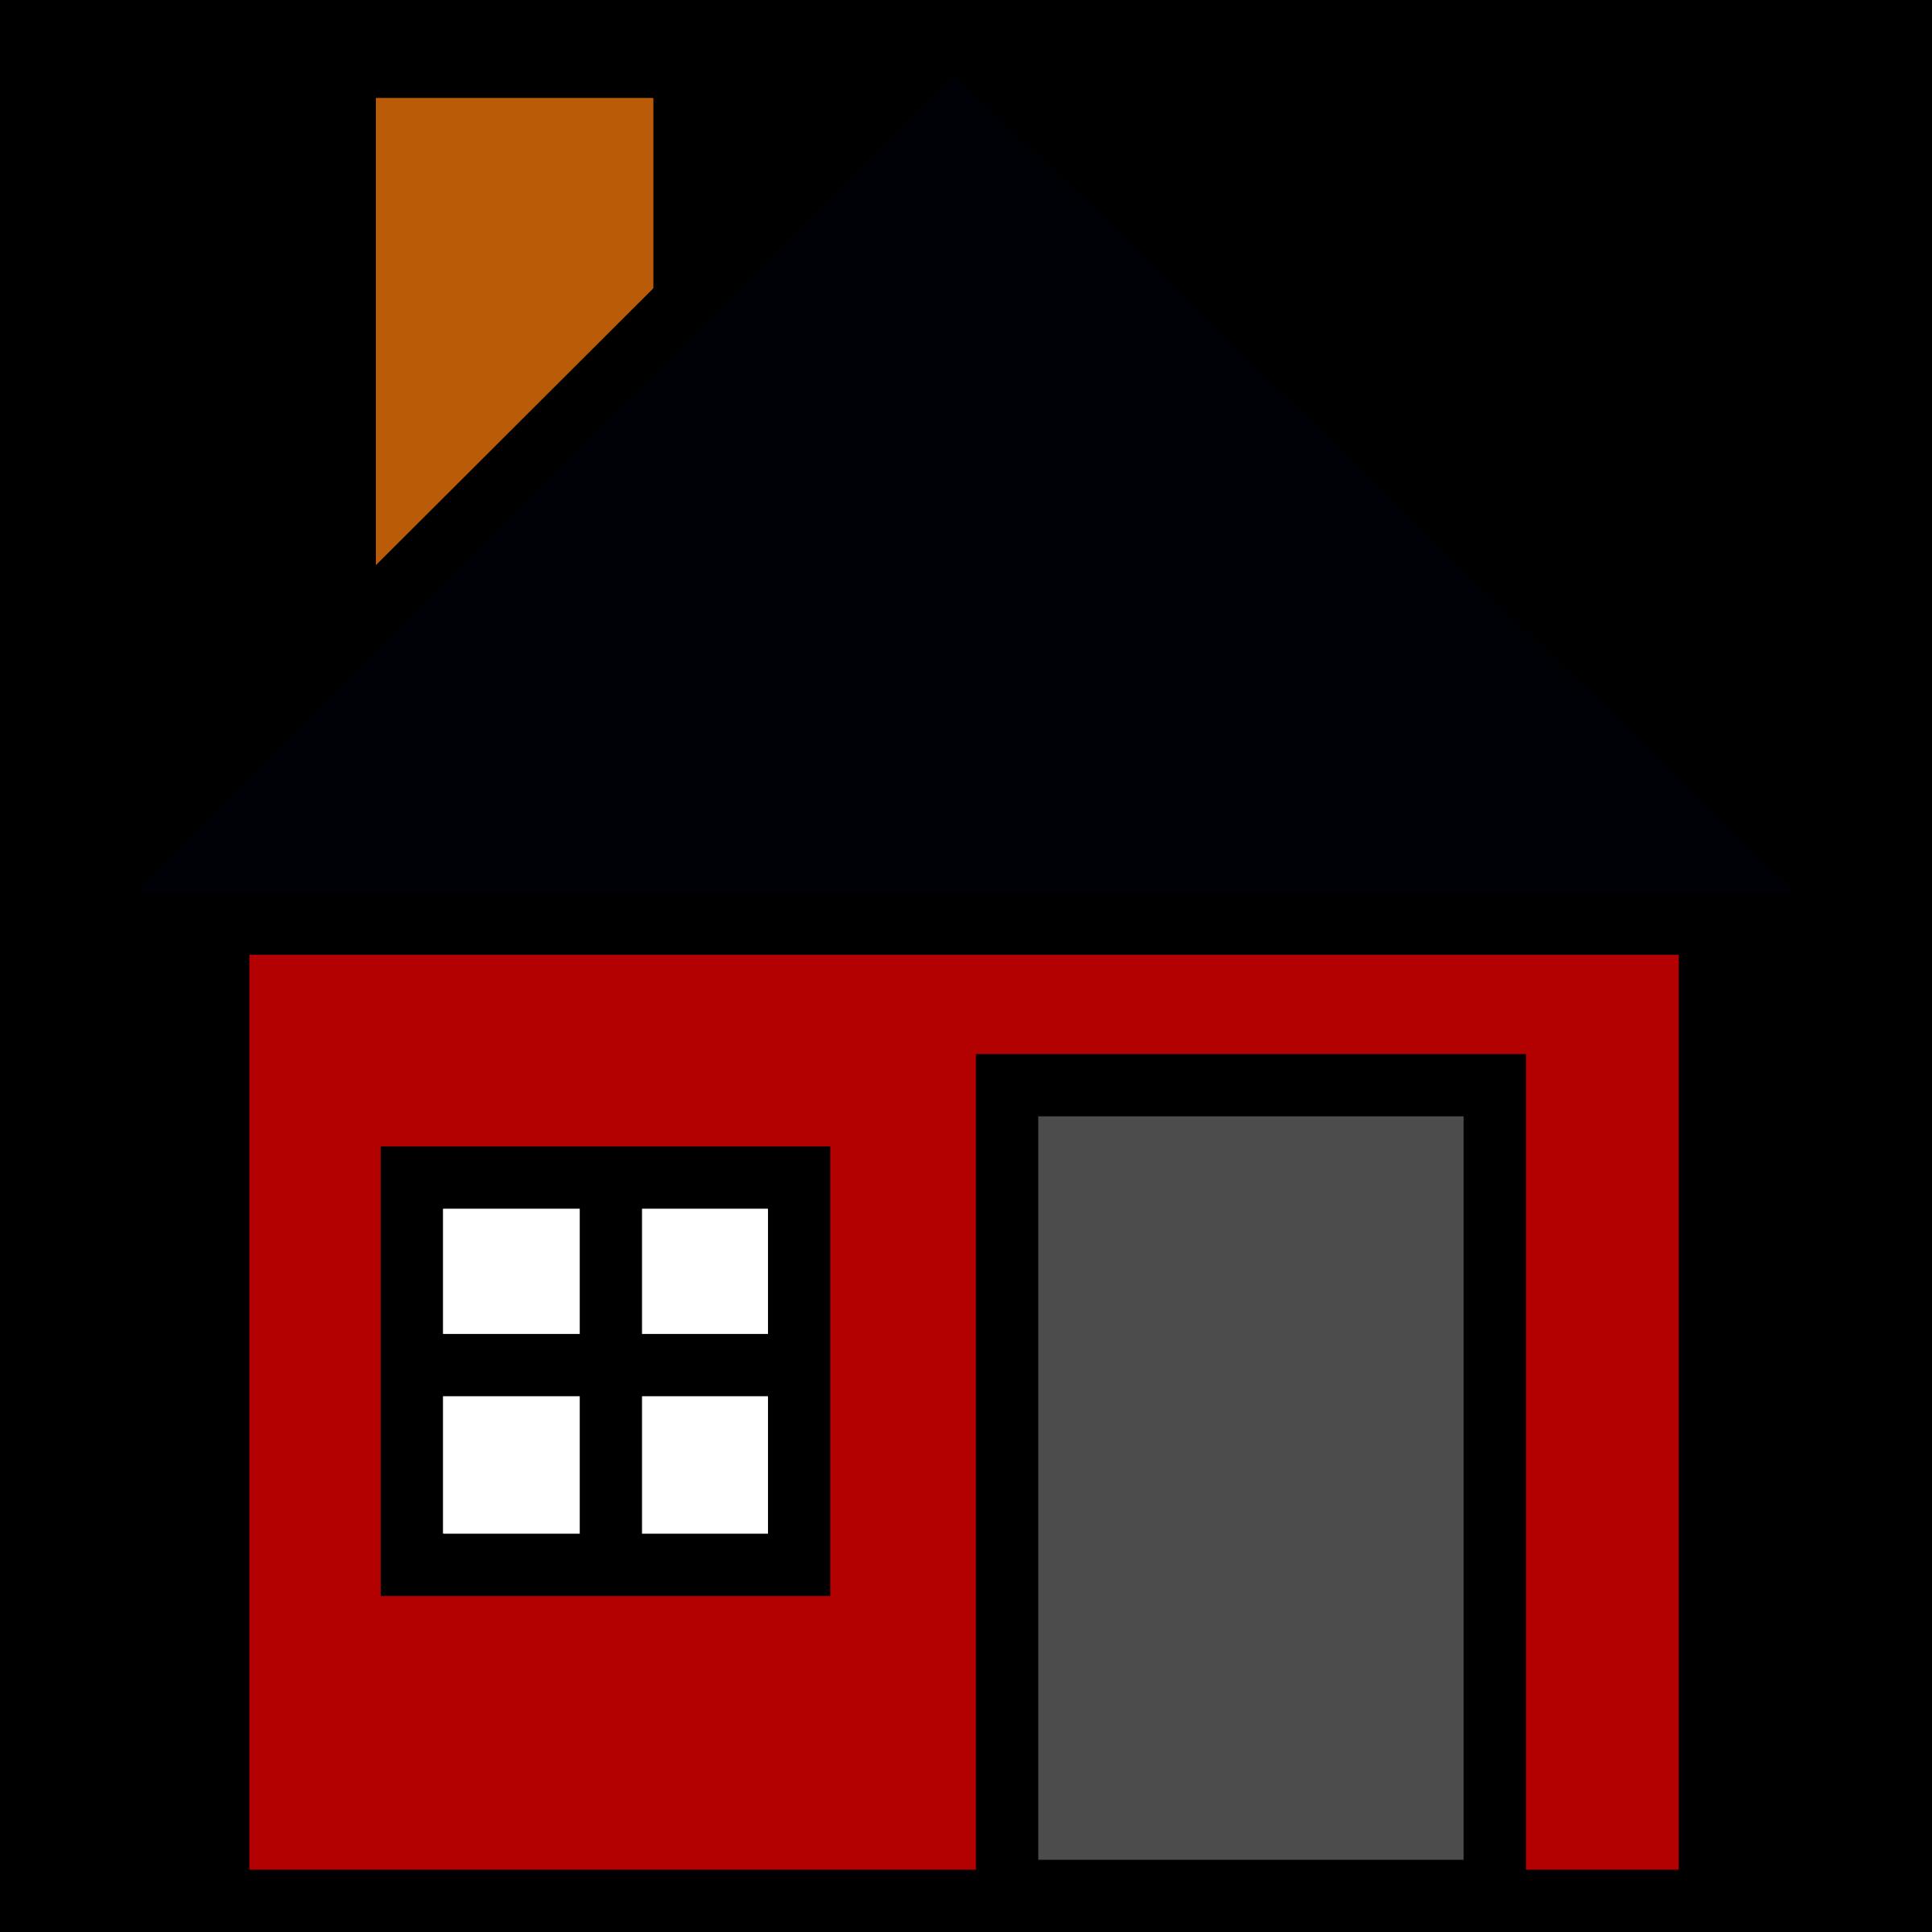 farmhouse clipart housing